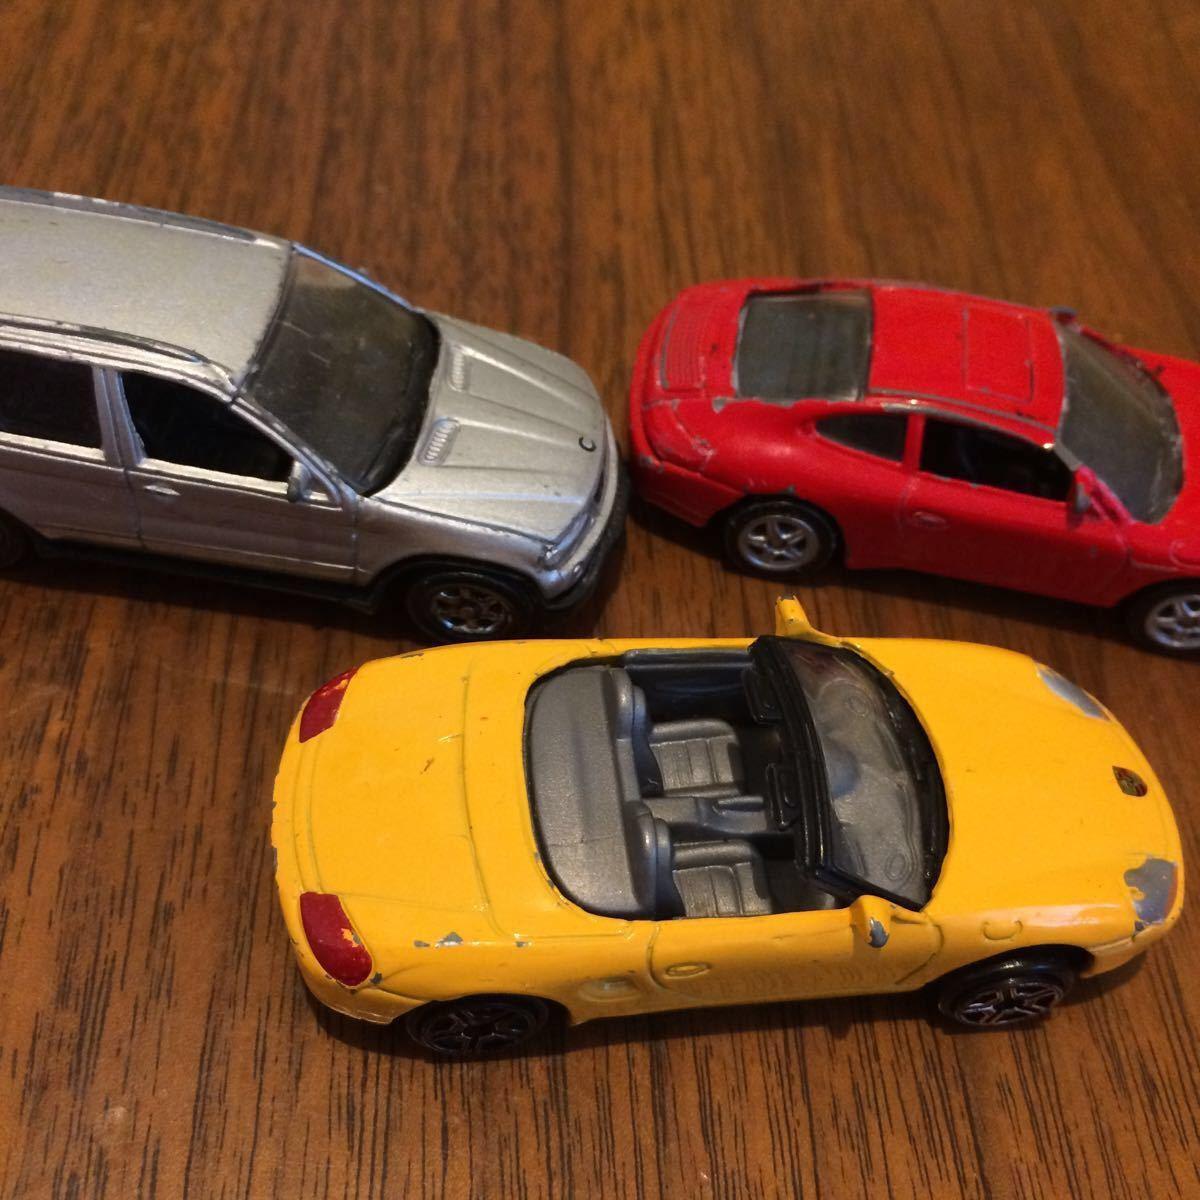 WELLY 2台 ポルシェ BMW とメーカー不明ポルシェ合計3台 ミニカー 中古_画像10